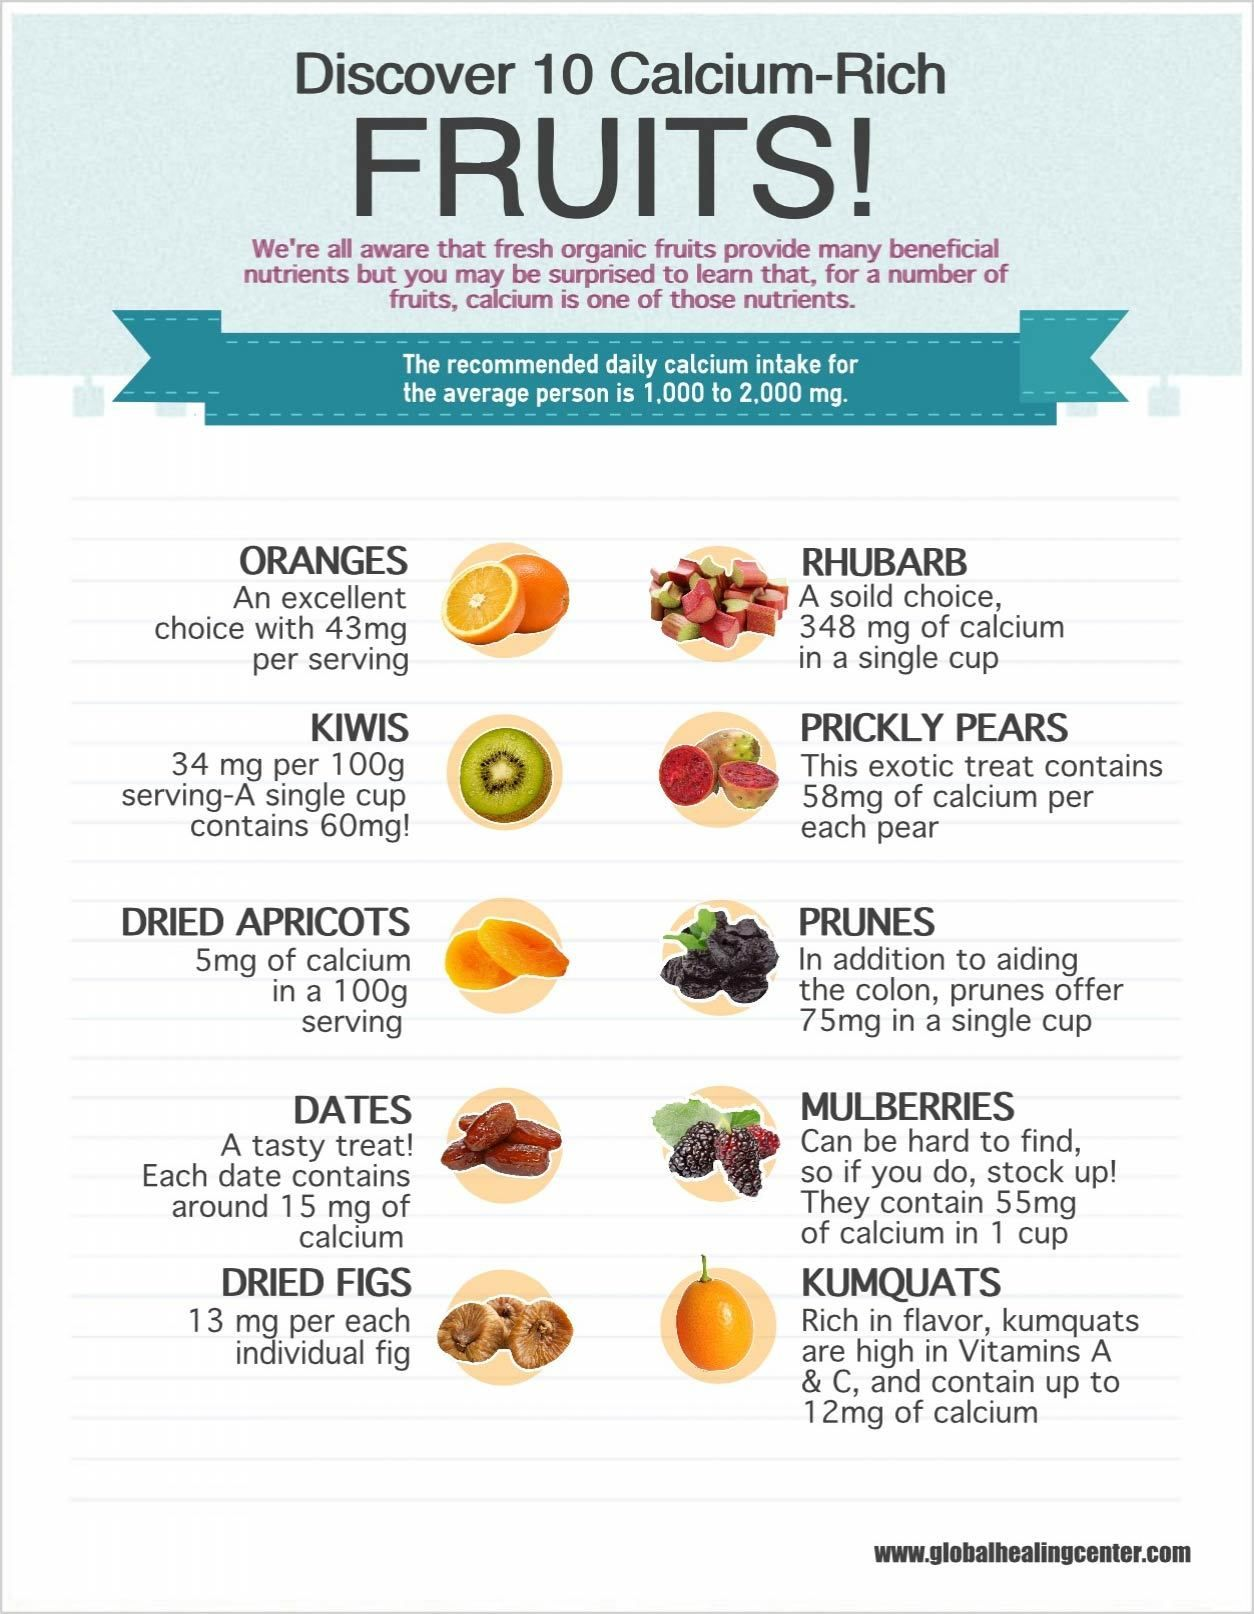 What foods contain calcium